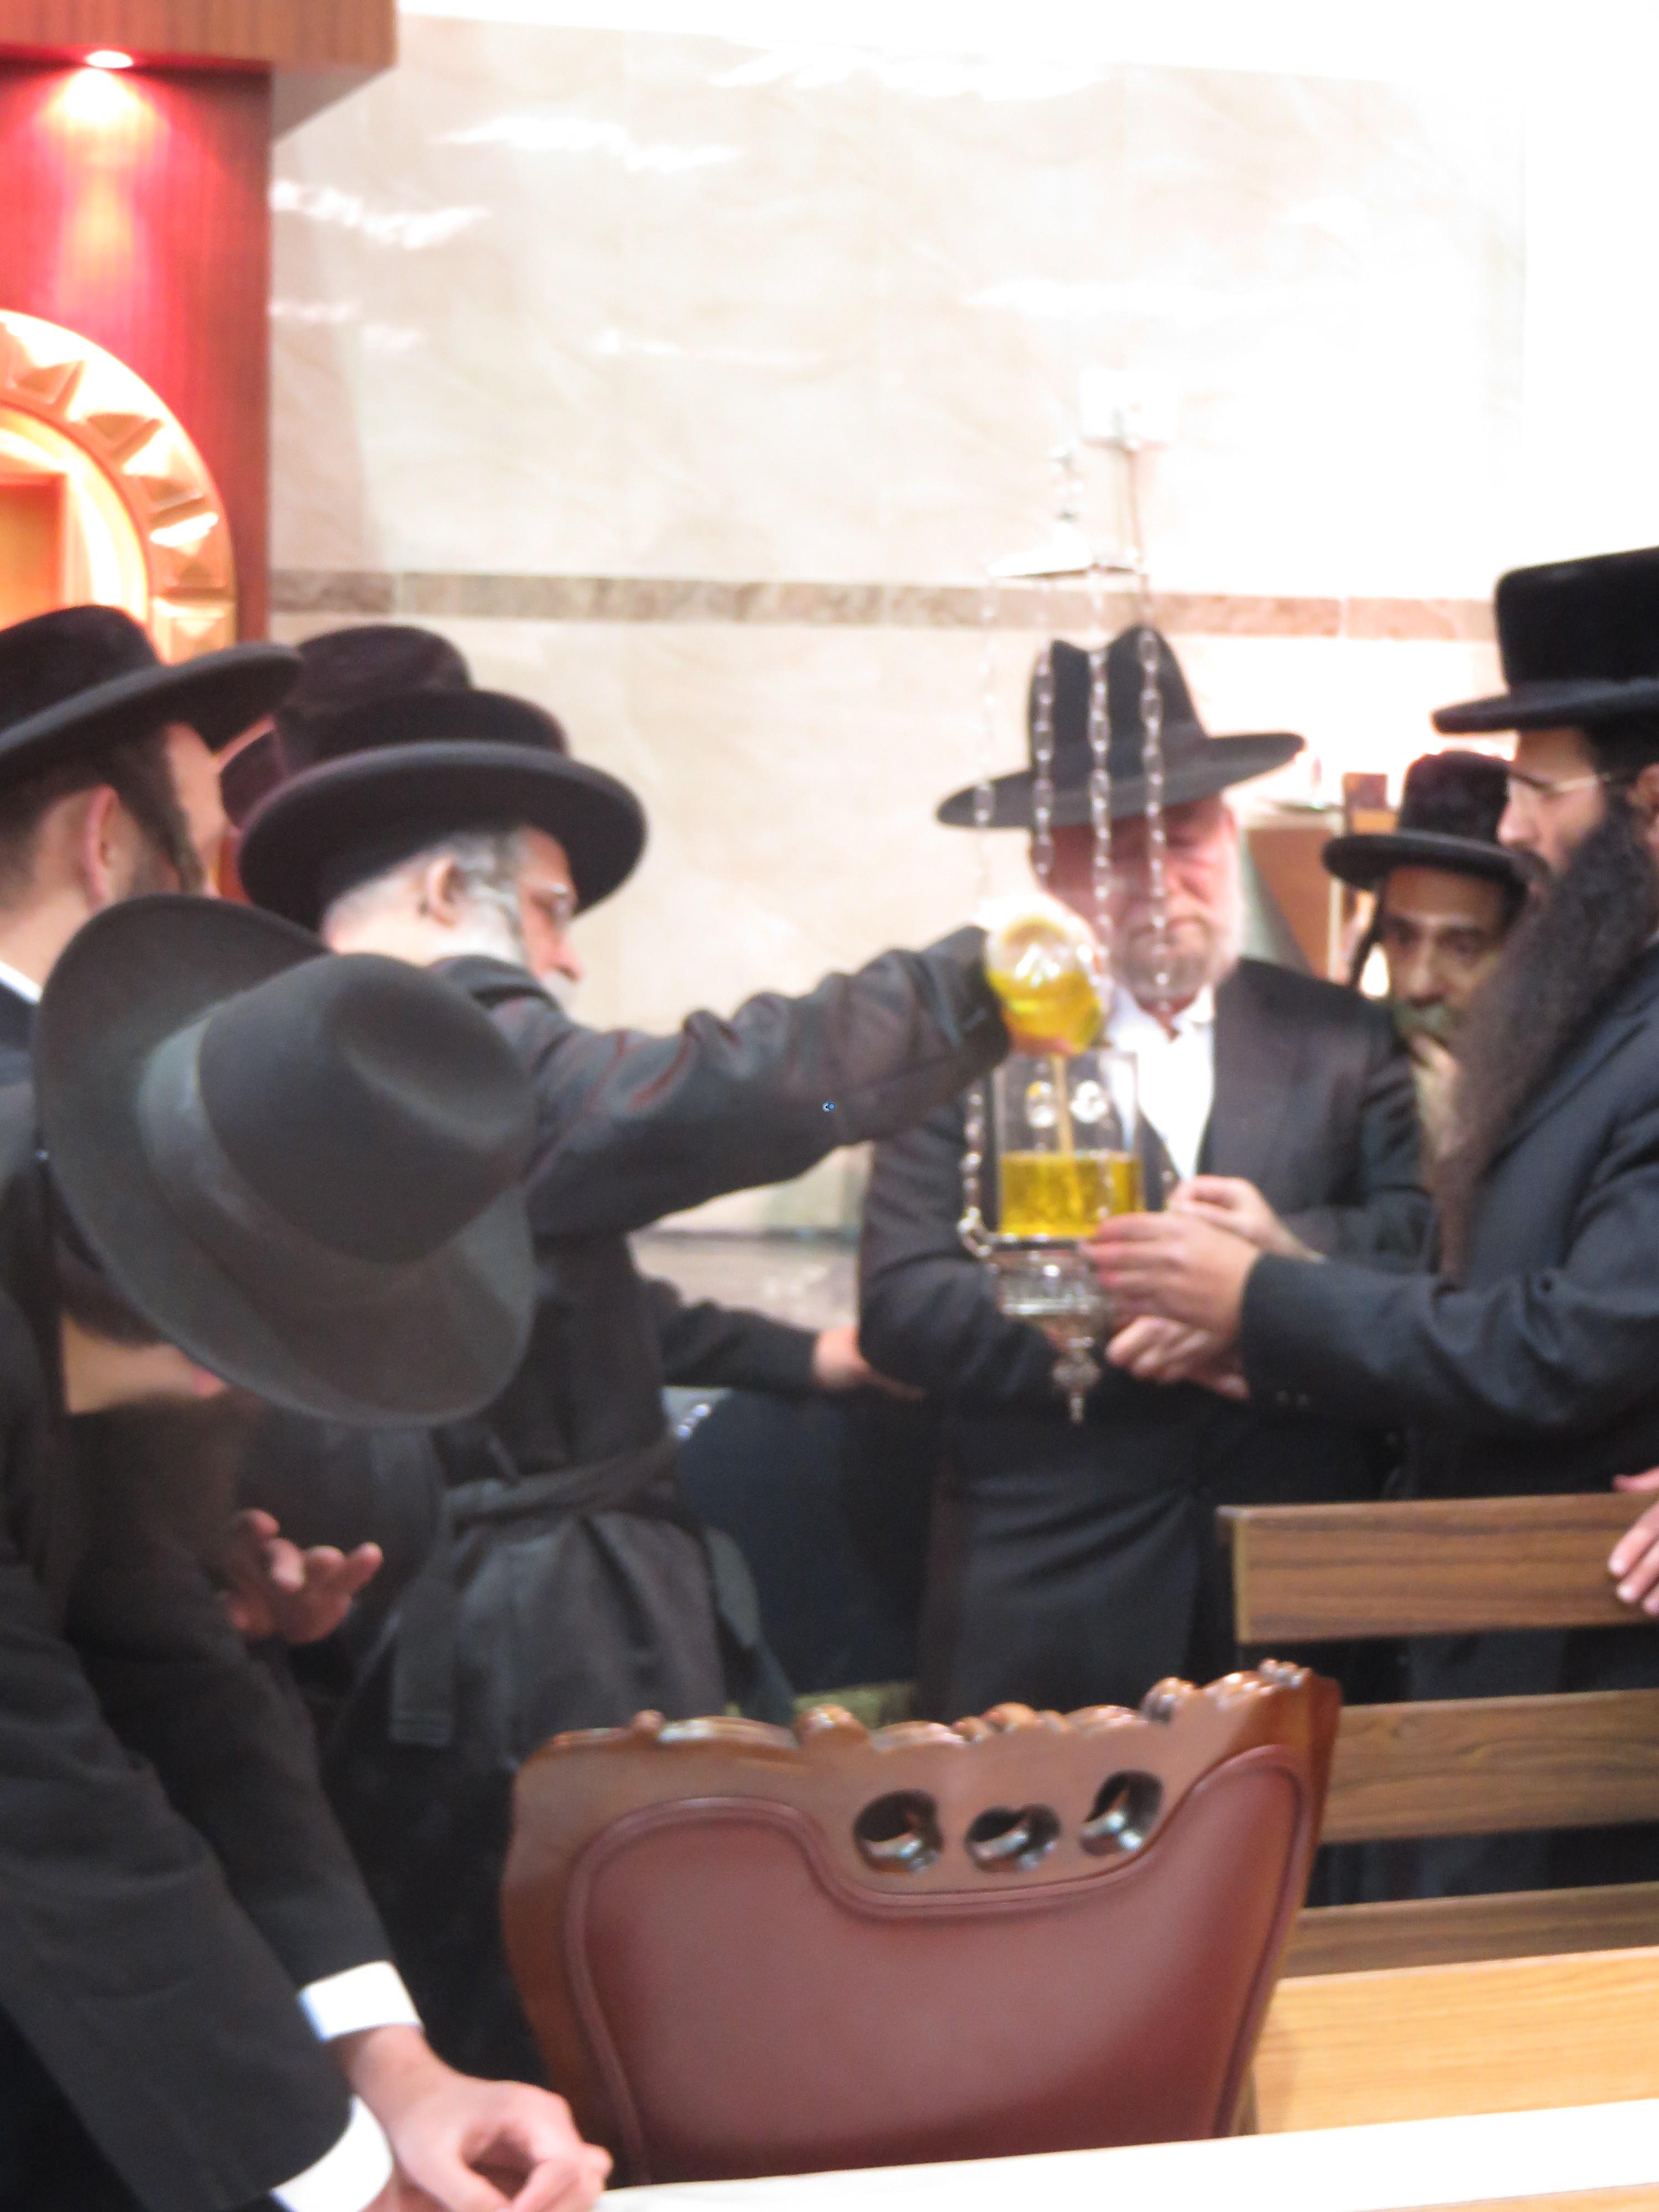 נדבורנא ירושלים בהילולת אביו צילם מוטי (5)